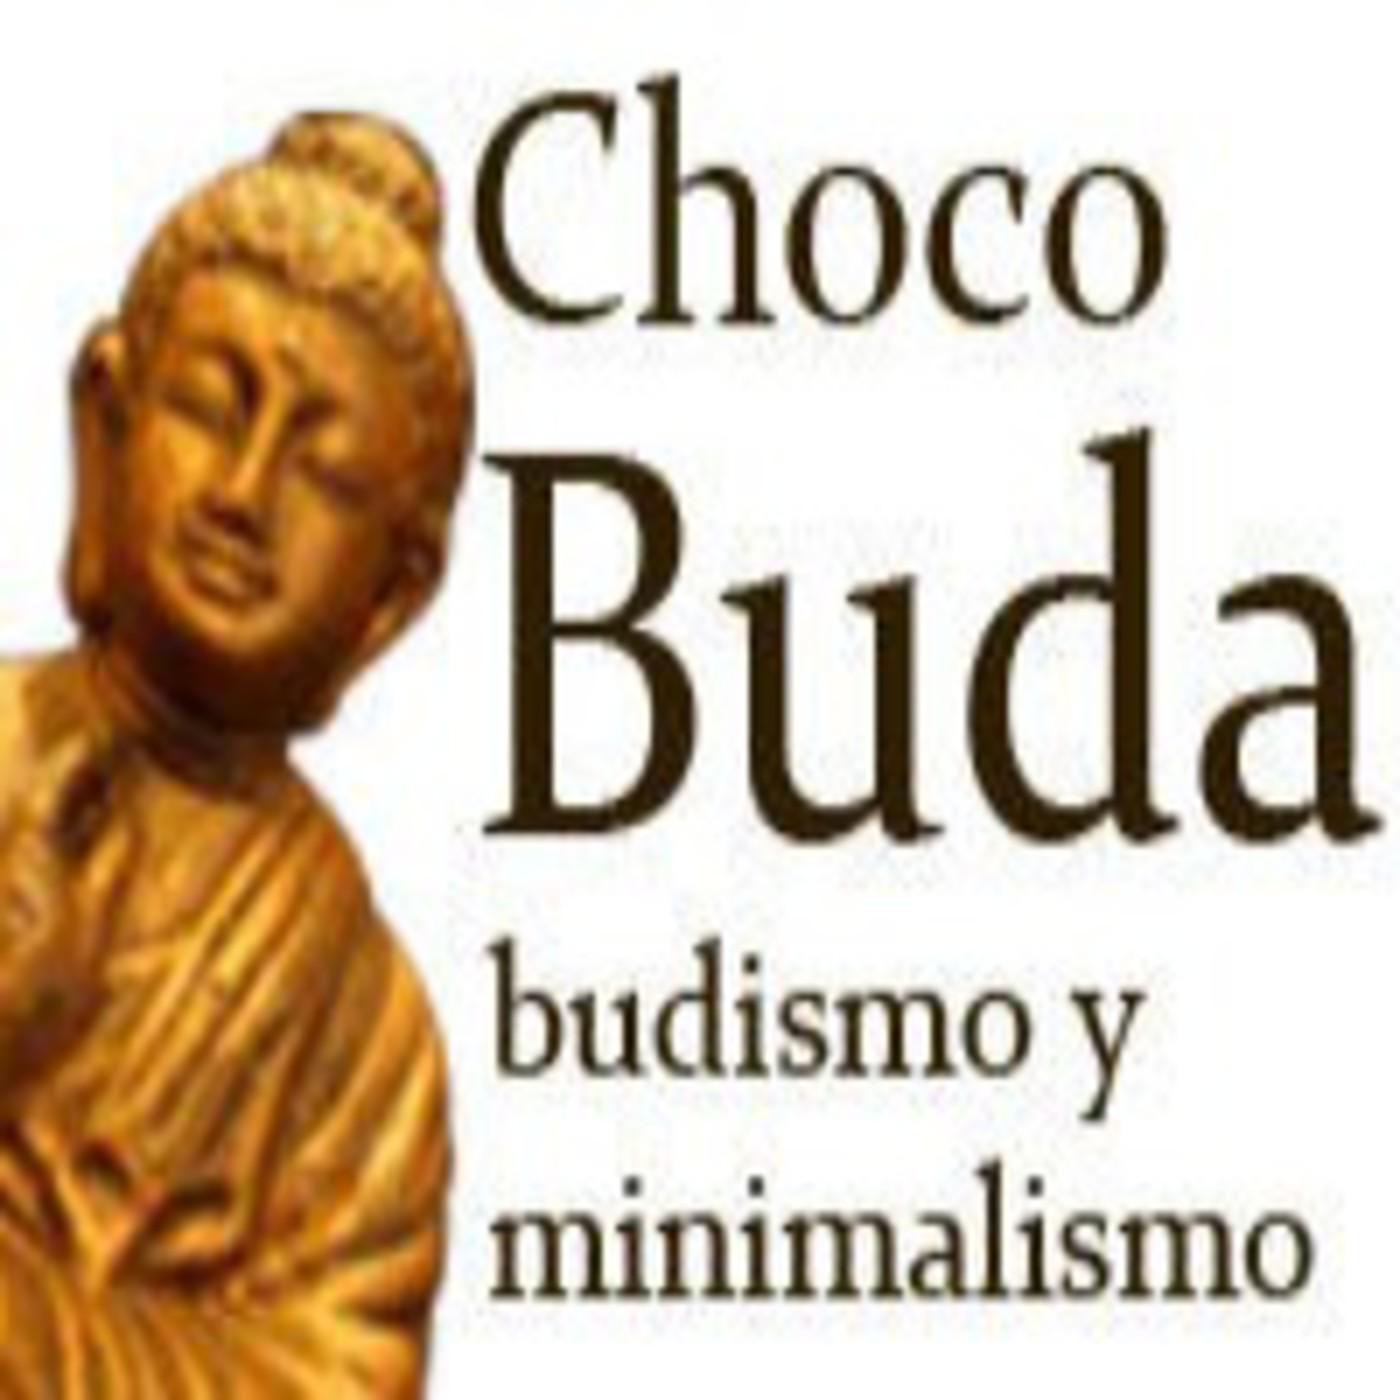 ChocoCast Episodio 3. Introducción al budismo. Parte 1.